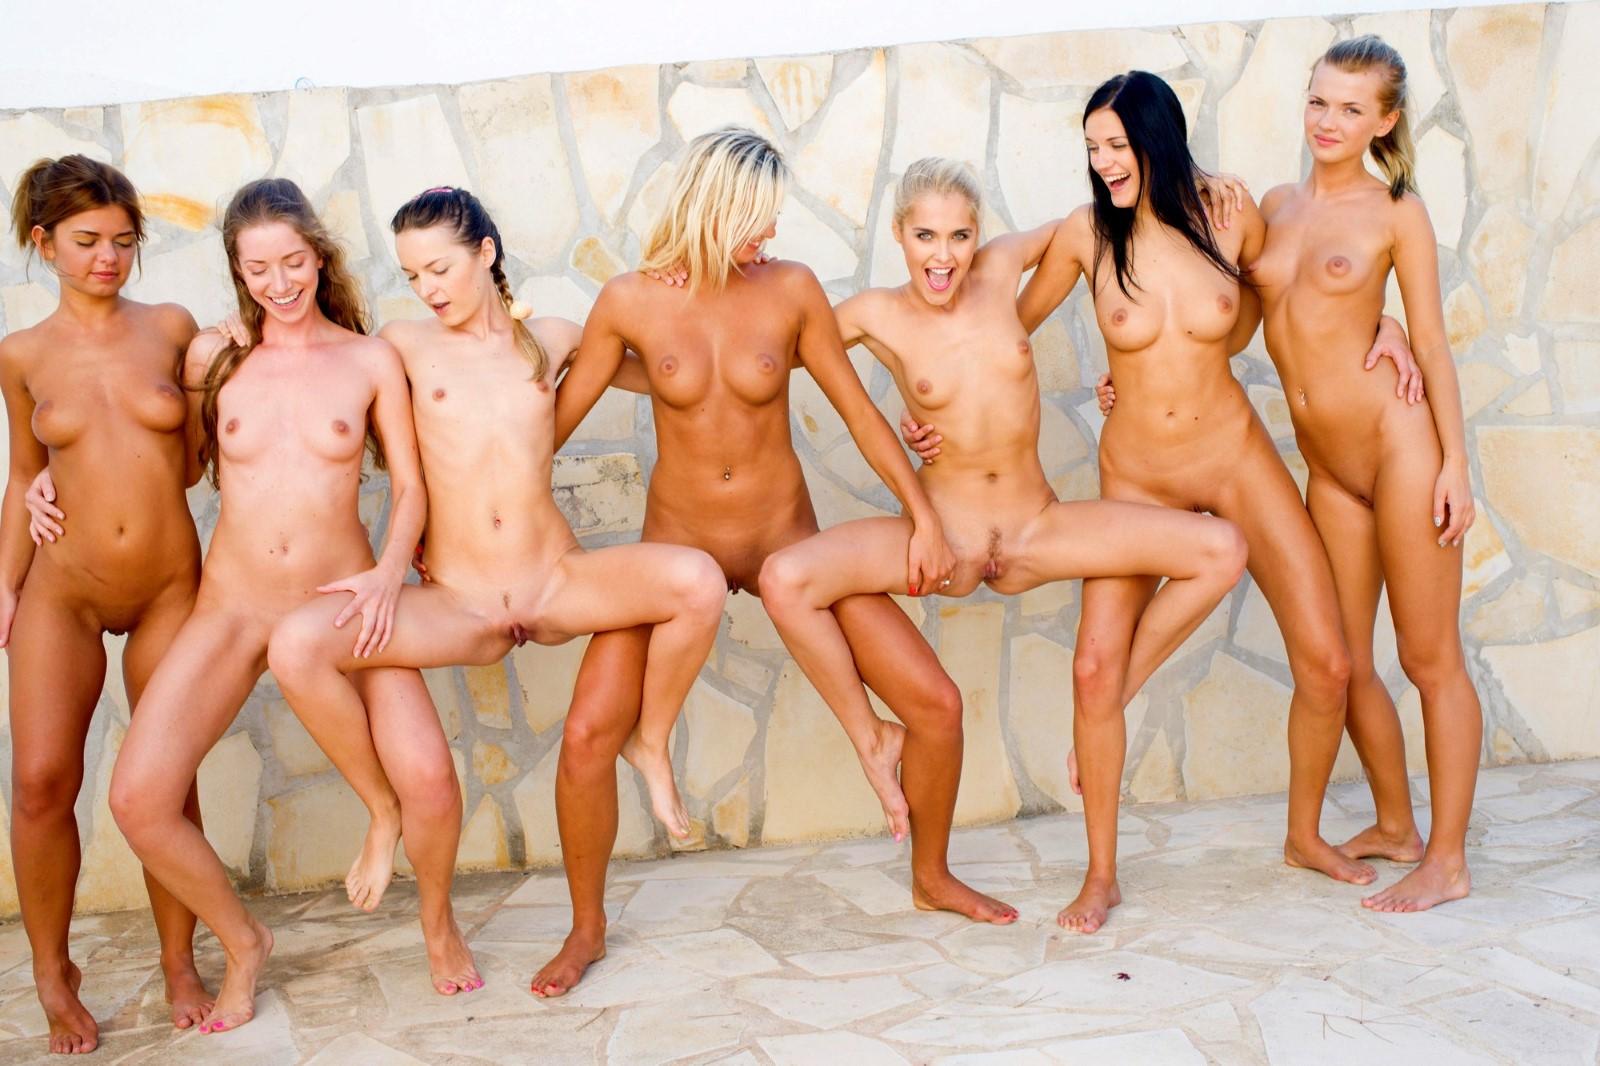 Nackte Frauengruppen